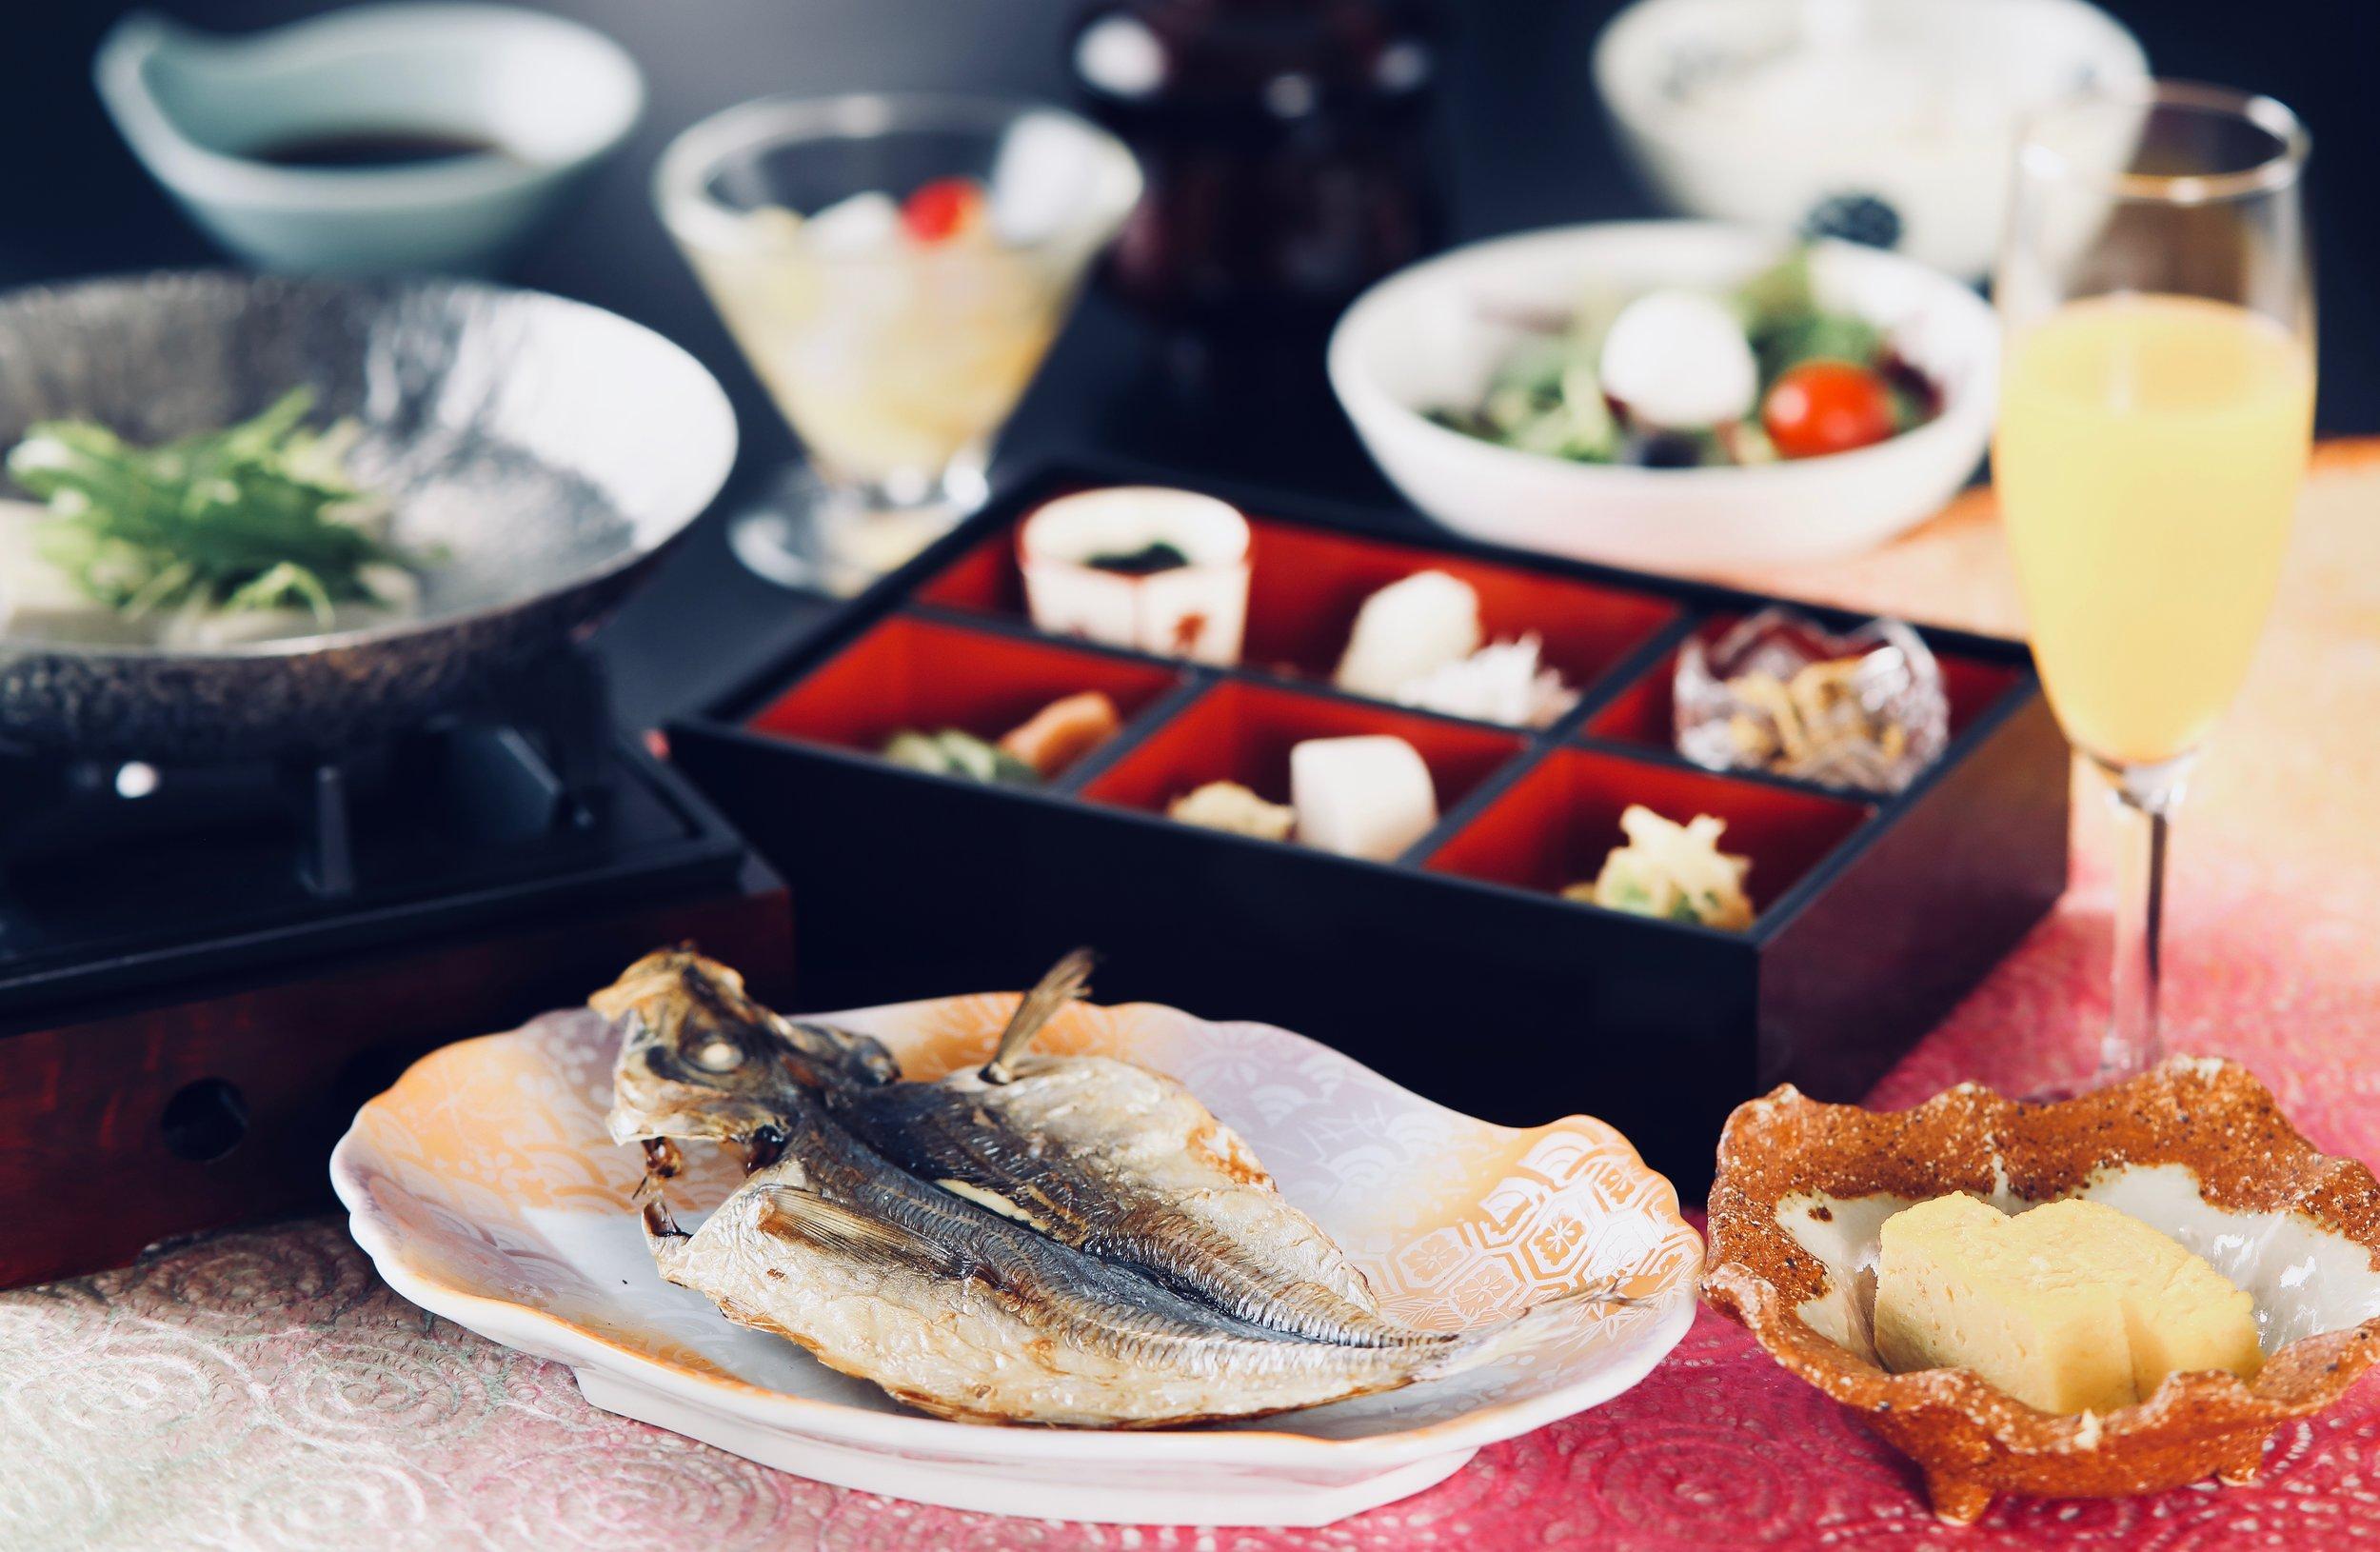 Japanese breakfast spread